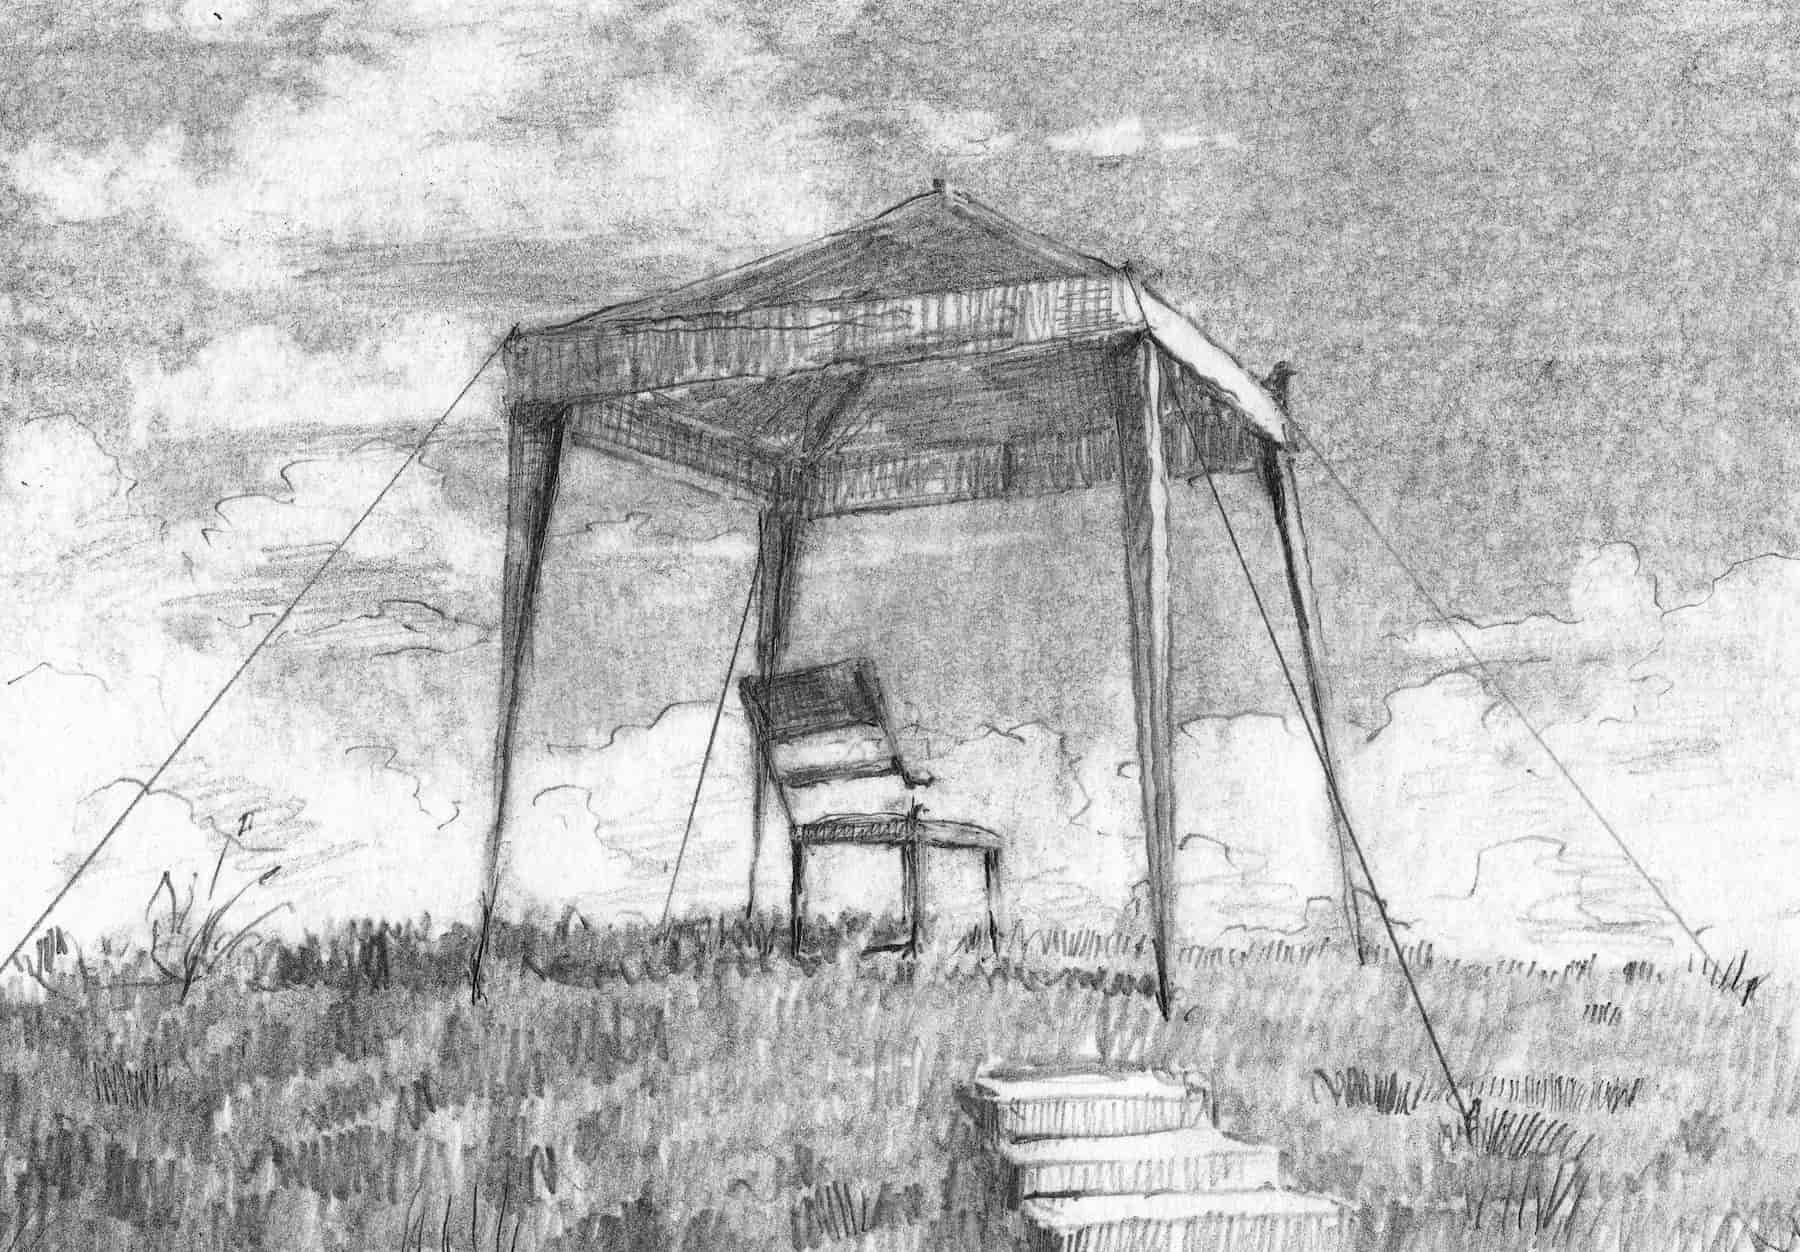 Zeichnung, 20 x 20 cm, Bleistift auf Papier